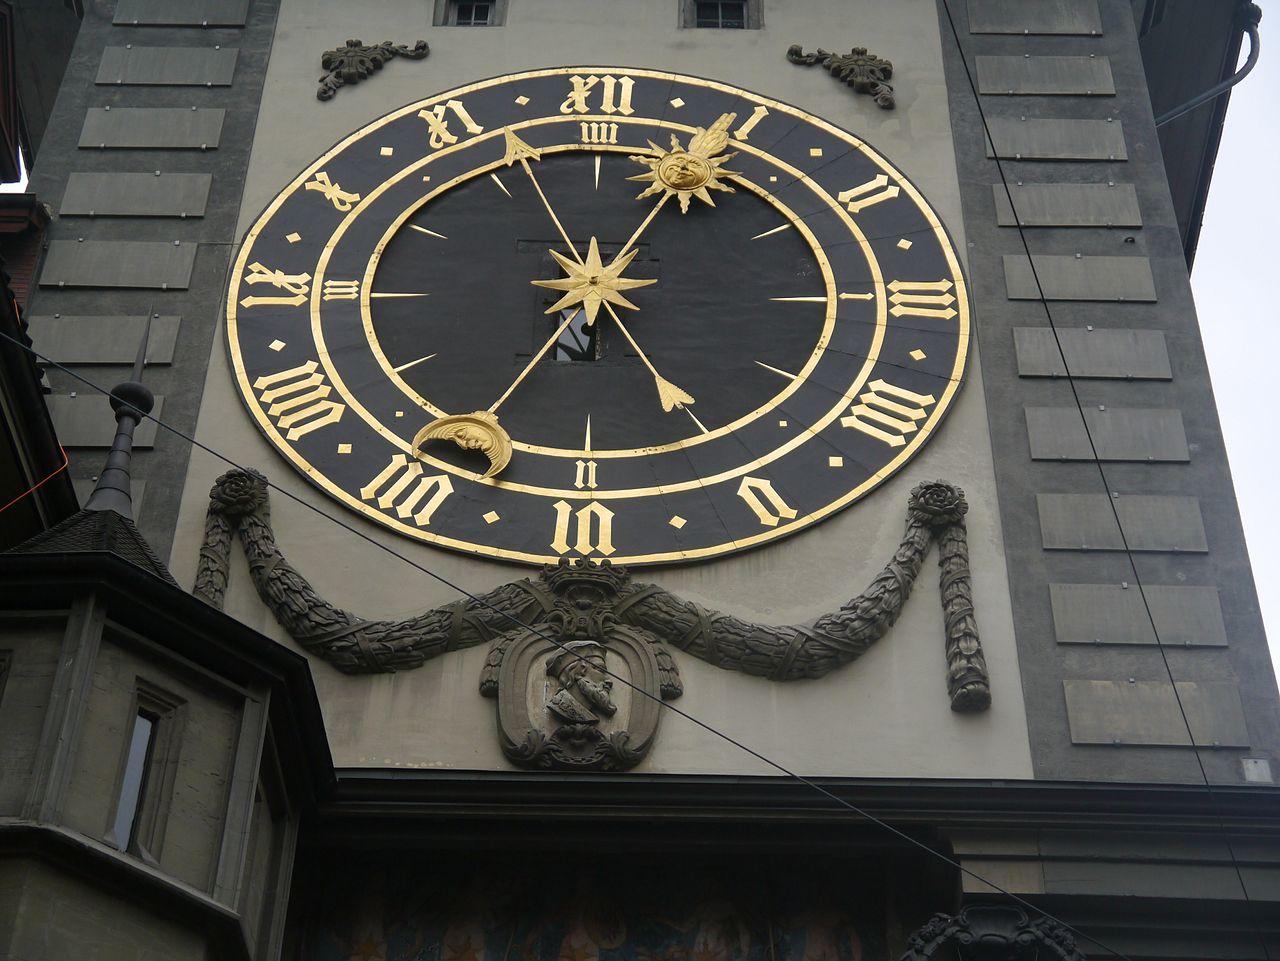 Бернская Цитглогге, одна из старейших часовых башен Швейцарии